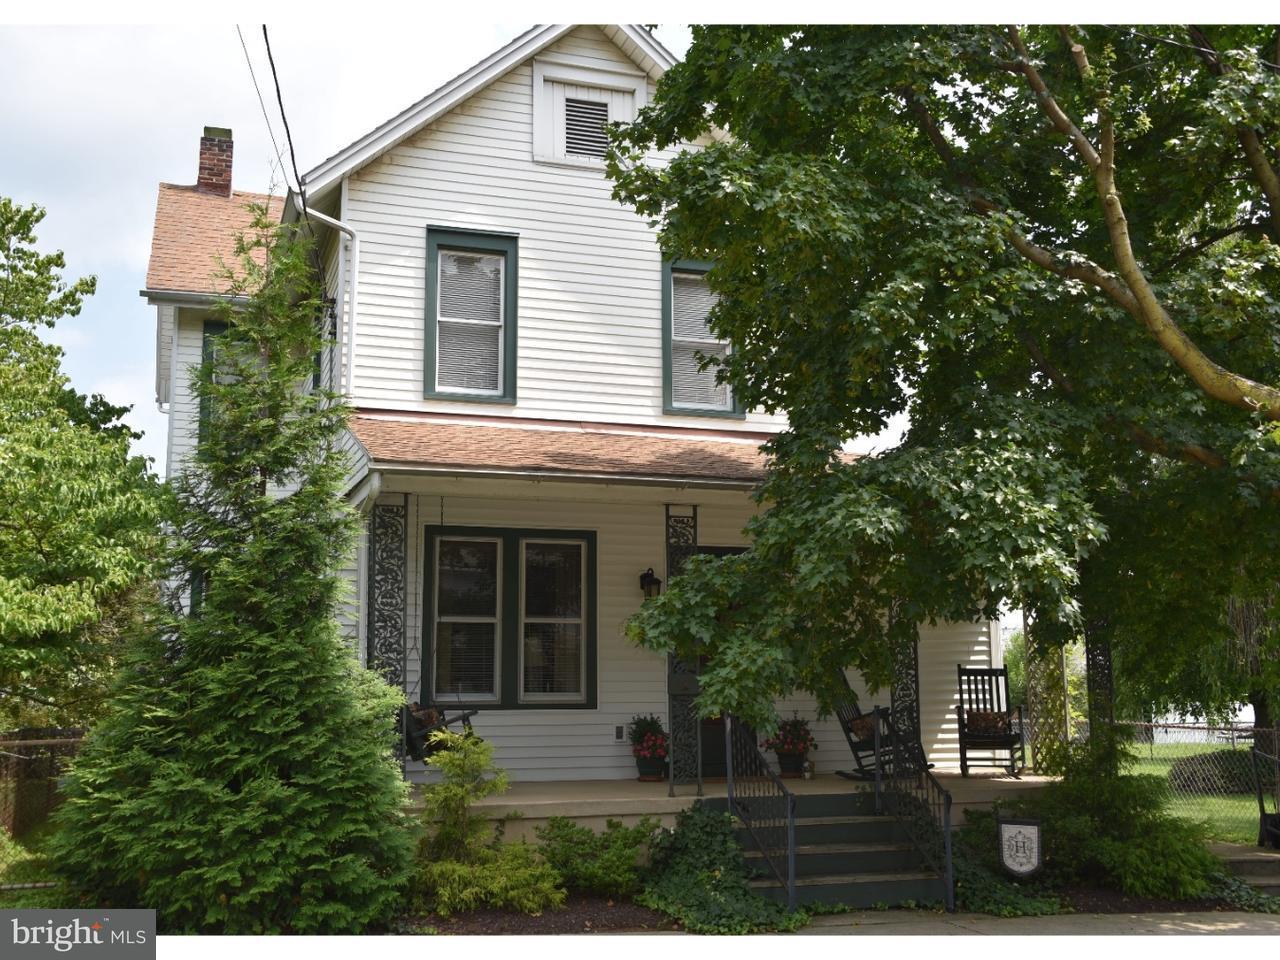 Maison unifamiliale pour l Vente à 215 W PENN Avenue Robesonia, Pennsylvanie 19551 États-Unis